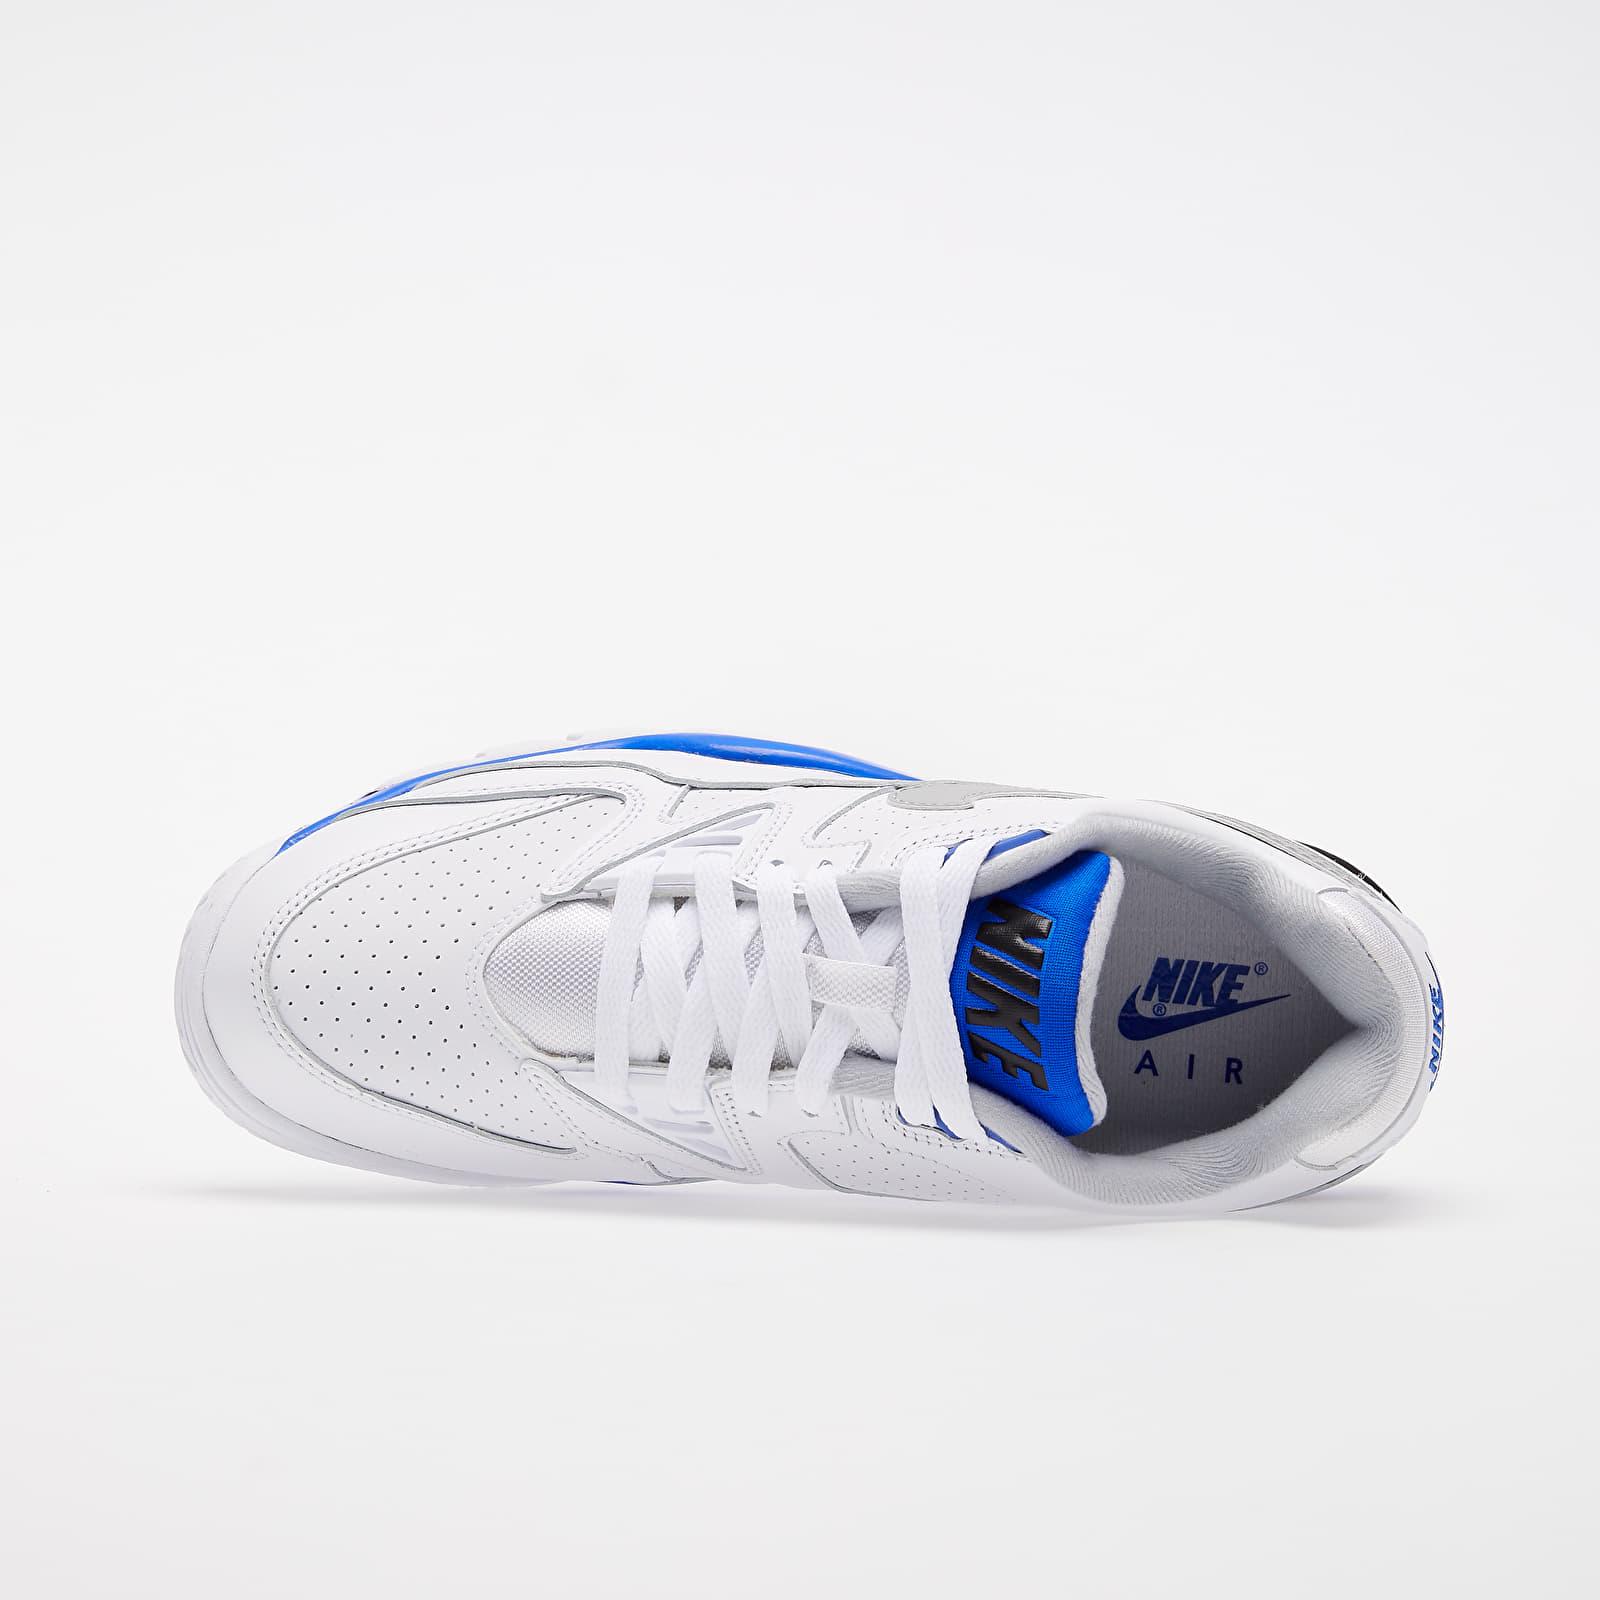 Nike Air Cross Trainer 3 Low White Lt Smoke Grey Racer Blue Black | Footshop